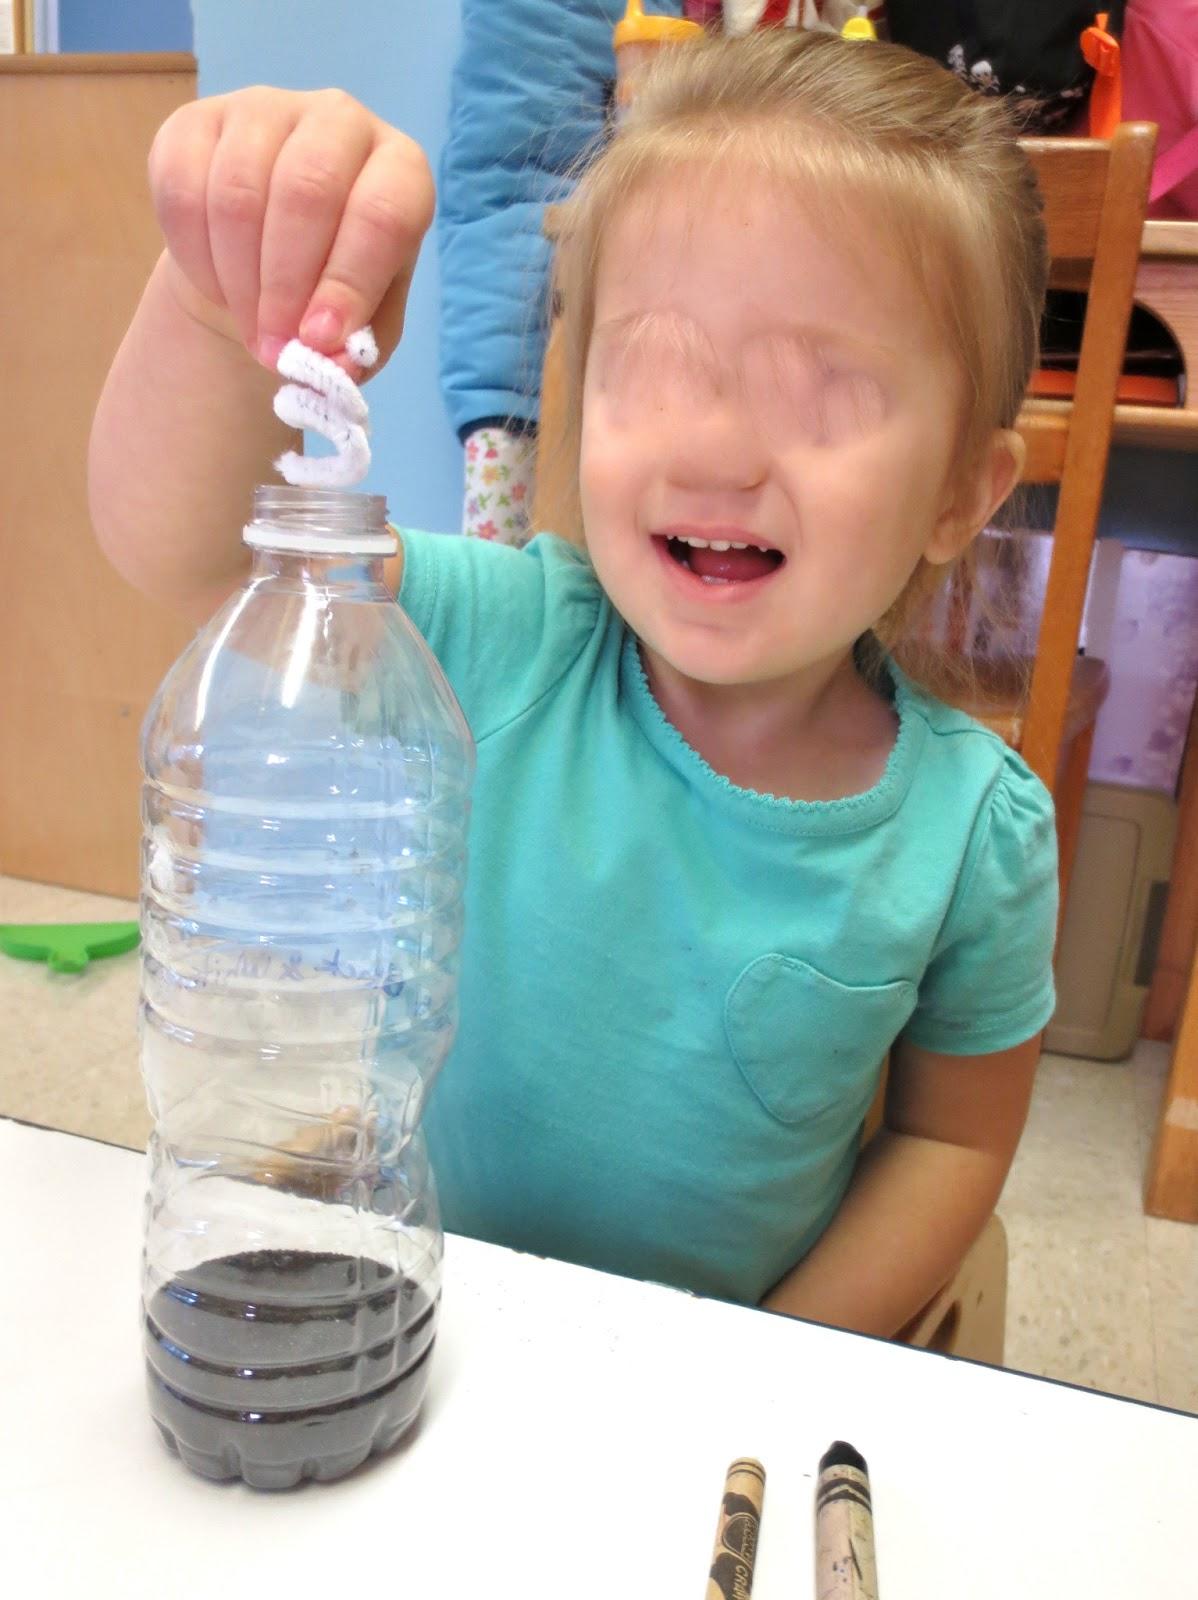 princesses pies preschool pizzazz toddler color bottles